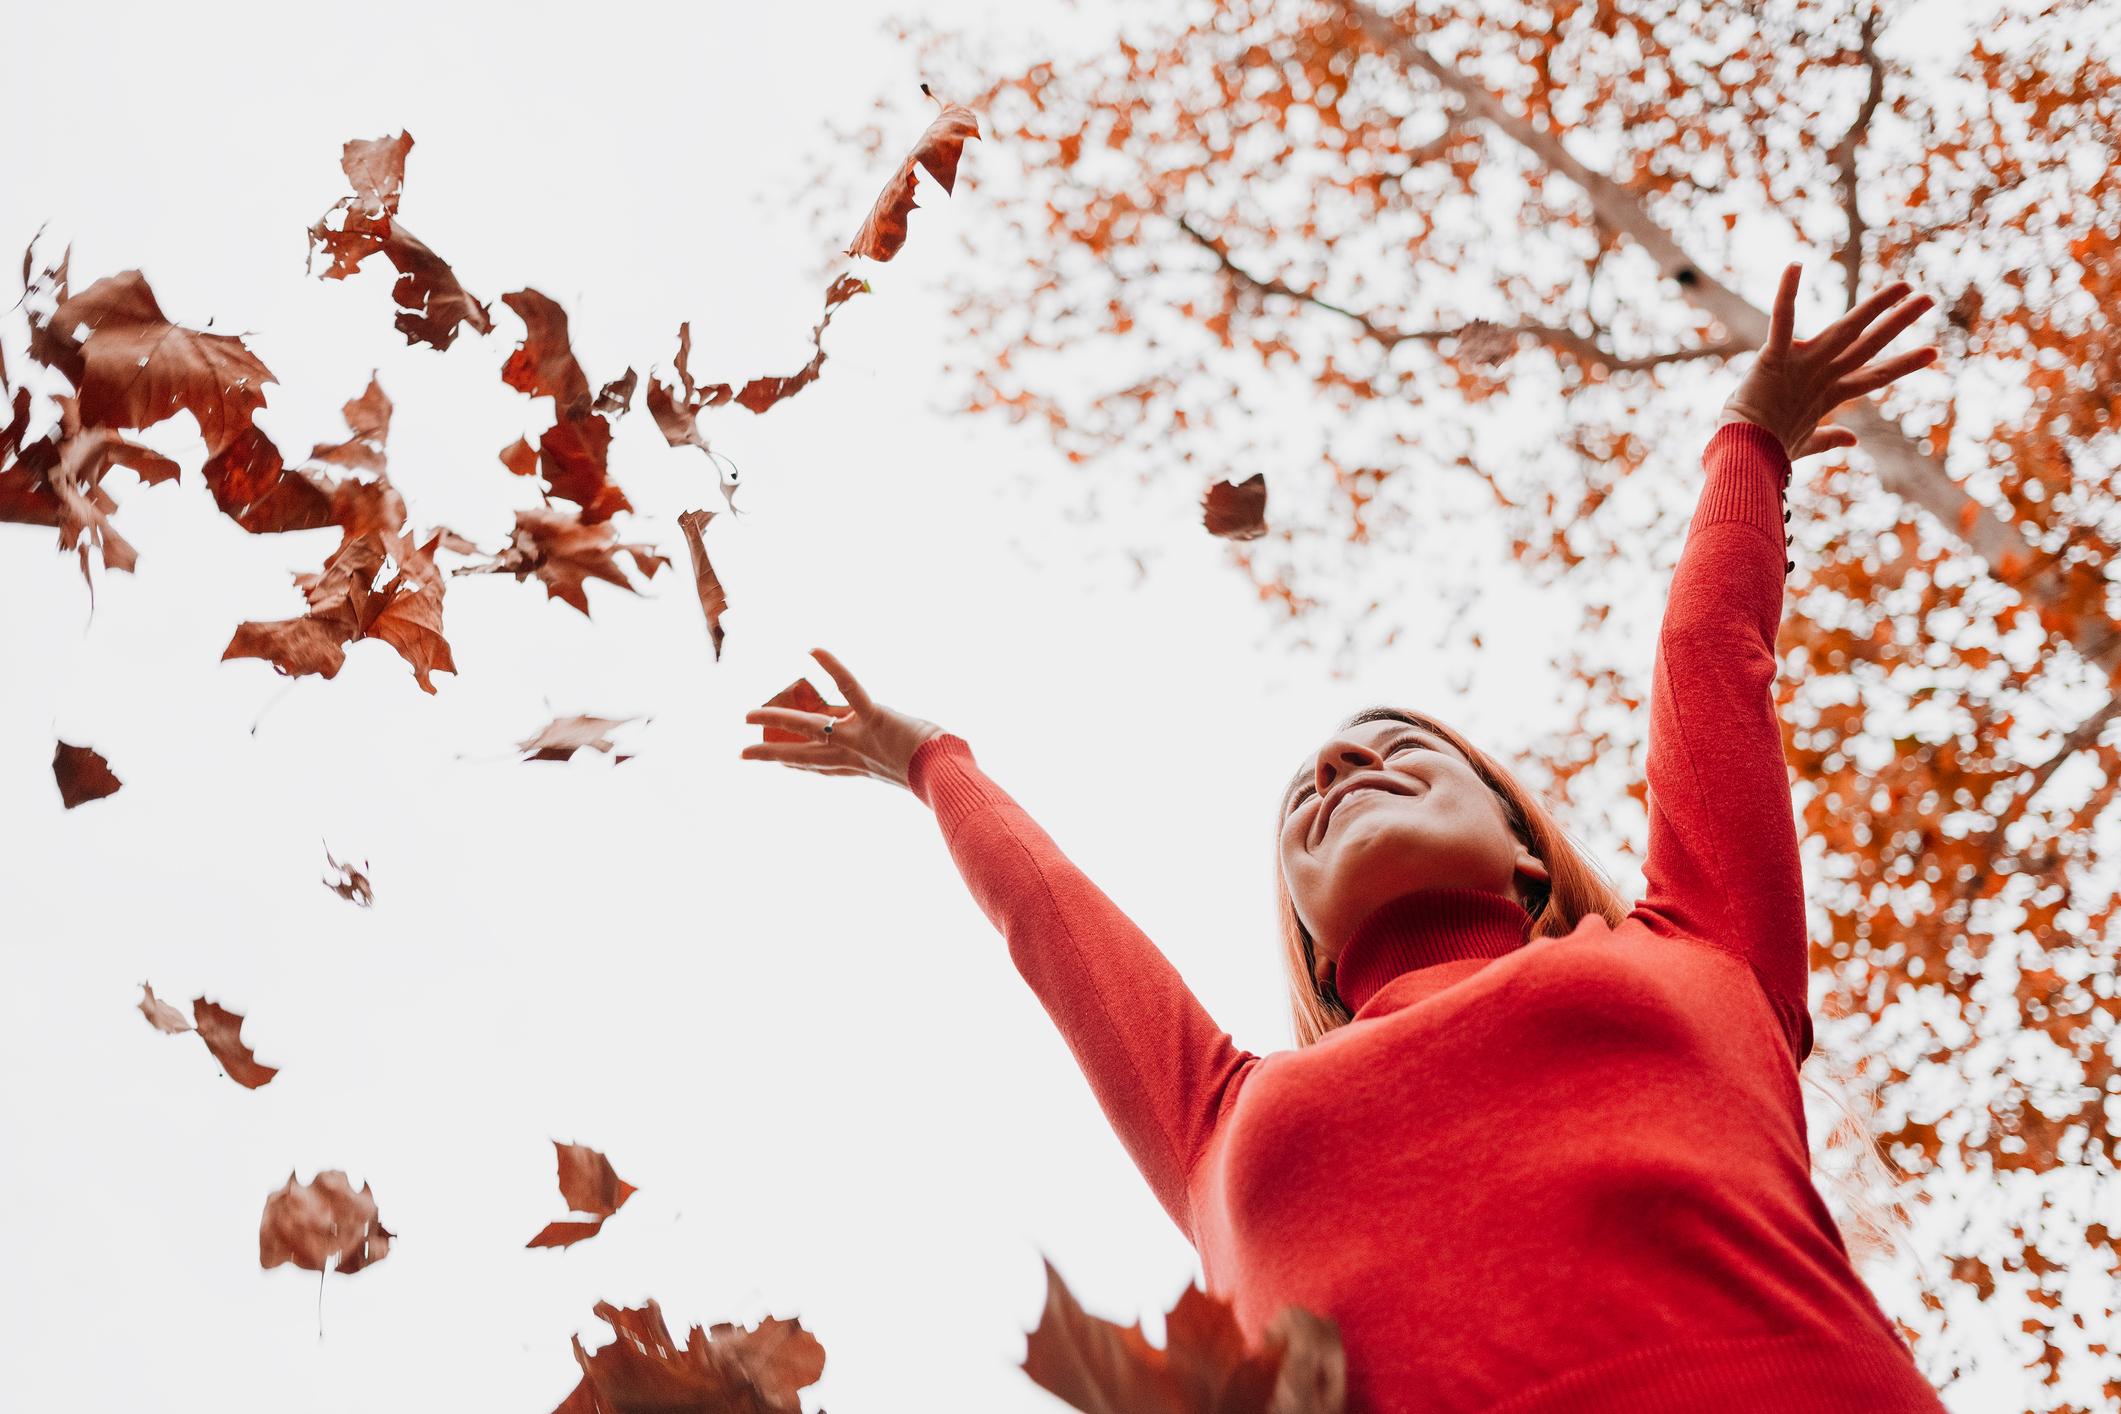 Nepušenje i zdrava prehrana, bogata namirnicama koje sadrže puno antioksidanata, najočitije su dobre navike koje će svakako pridonijeti zdravlju pluća, a one su u tome i najučinkovitije.